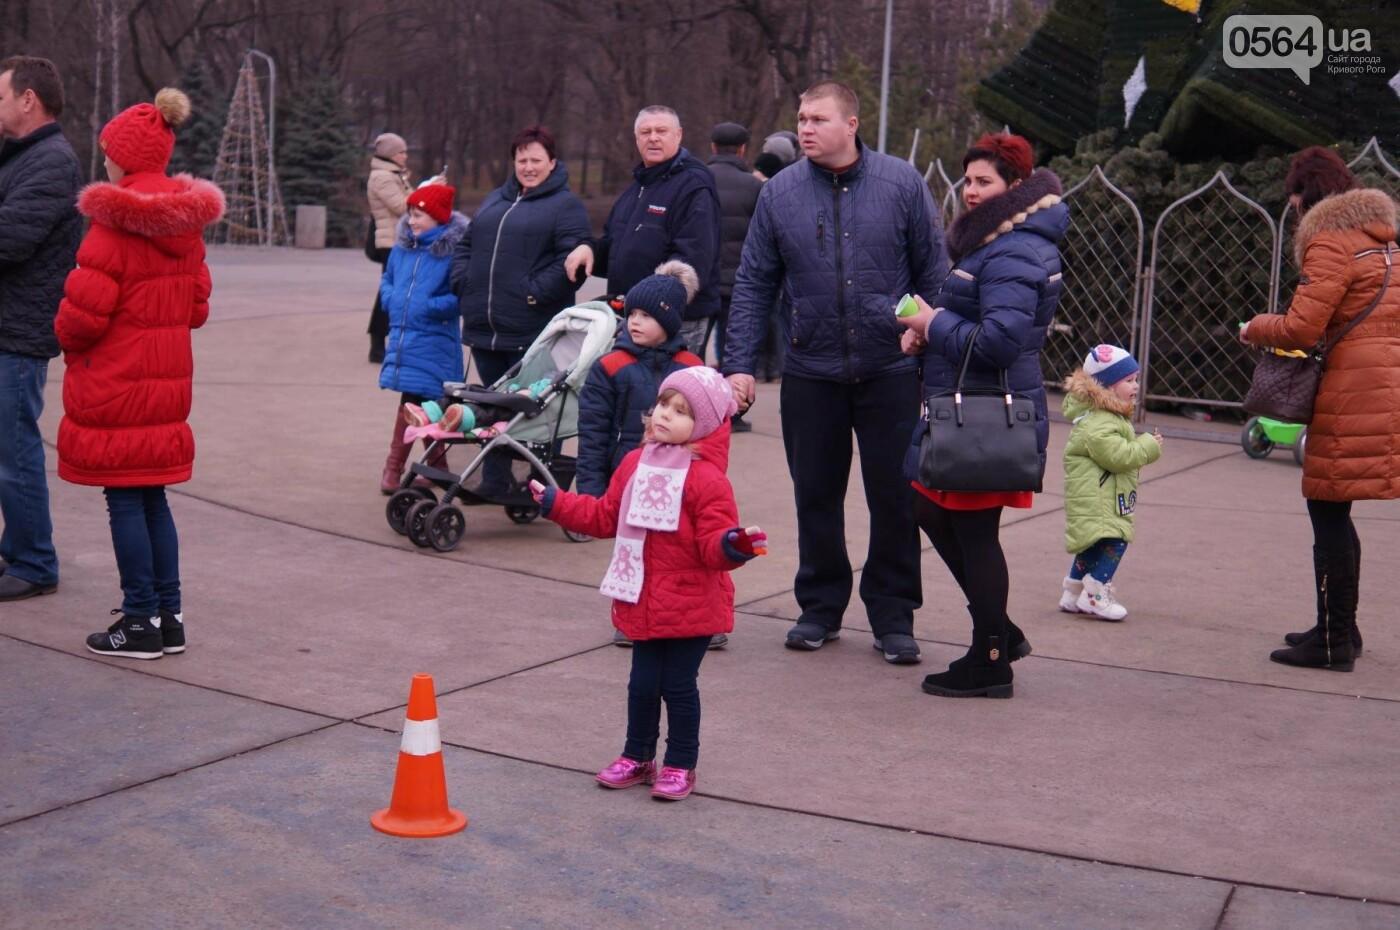 Встреча криворожских полицейских с детьми закончилась преждевременно (ФОТО), фото-34